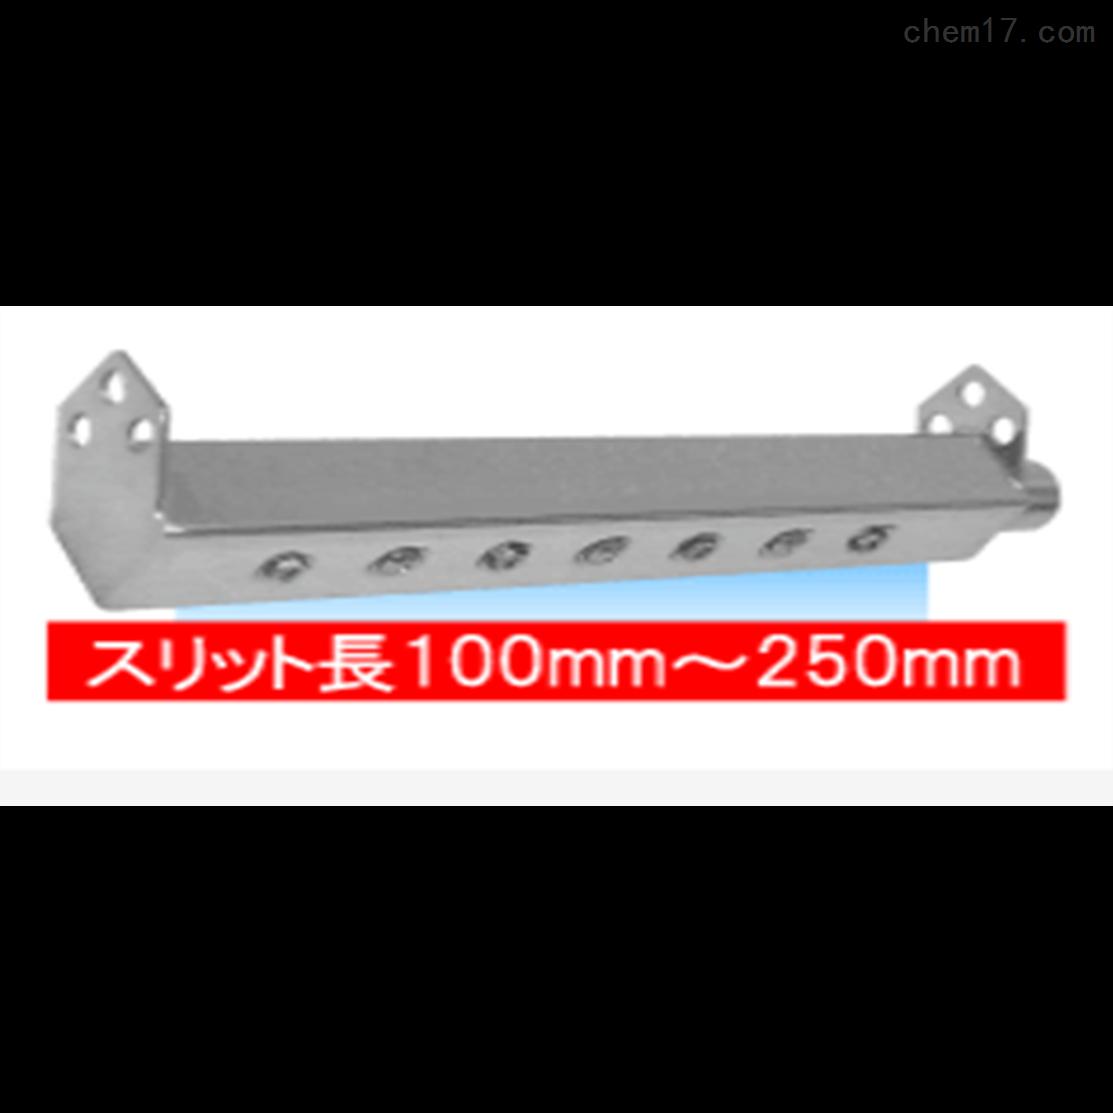 日本daico大浩热研排水器吹缝式空气喷嘴